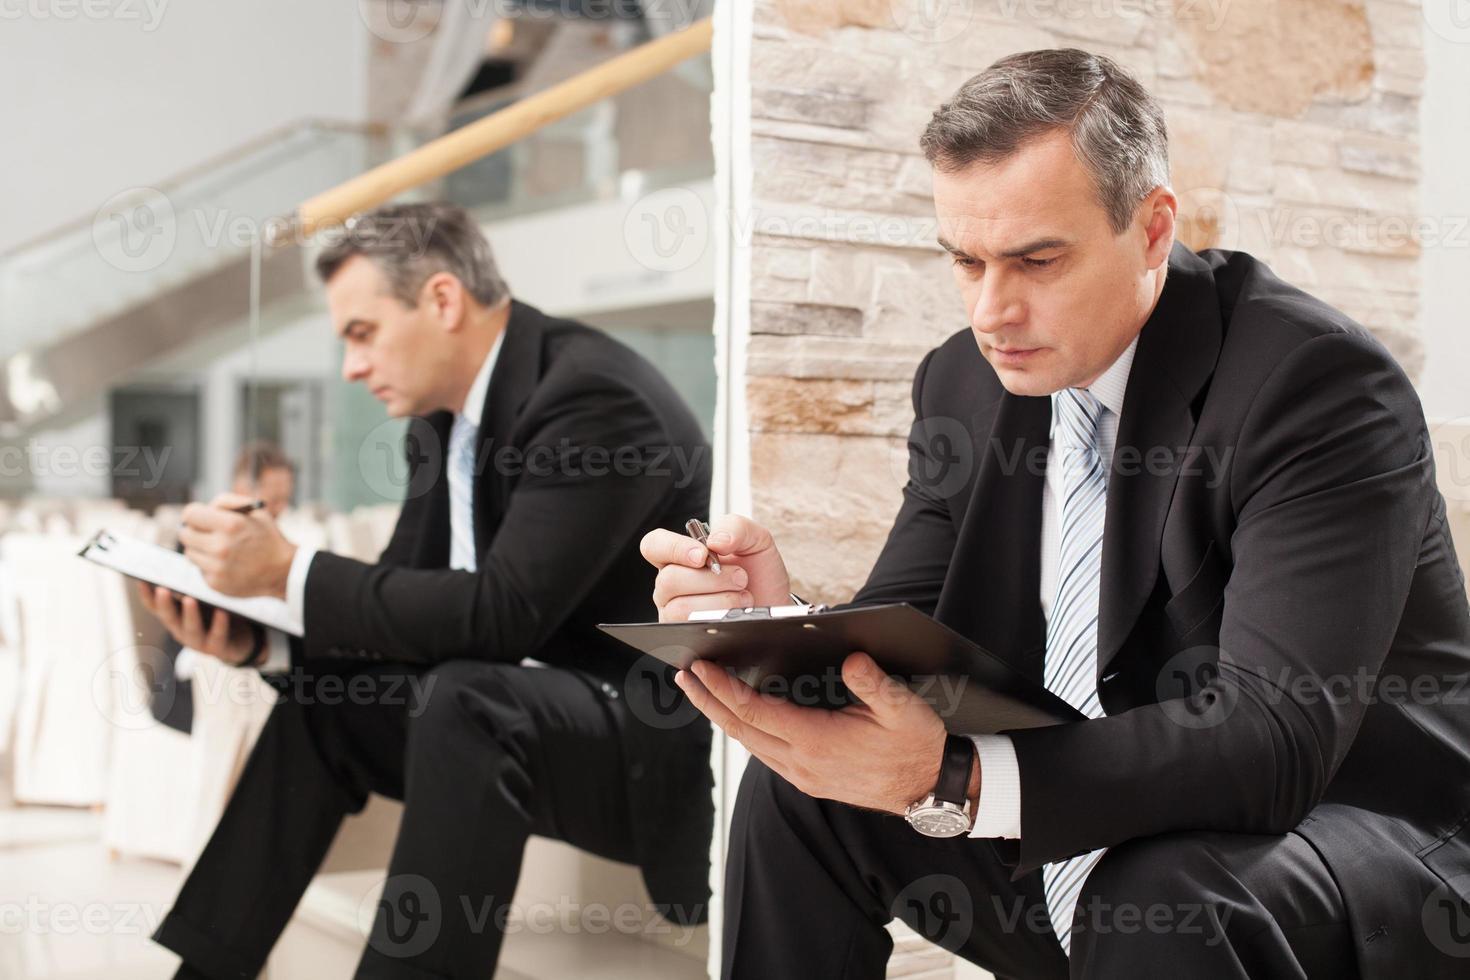 homme d'affaires, prendre des notes. photo